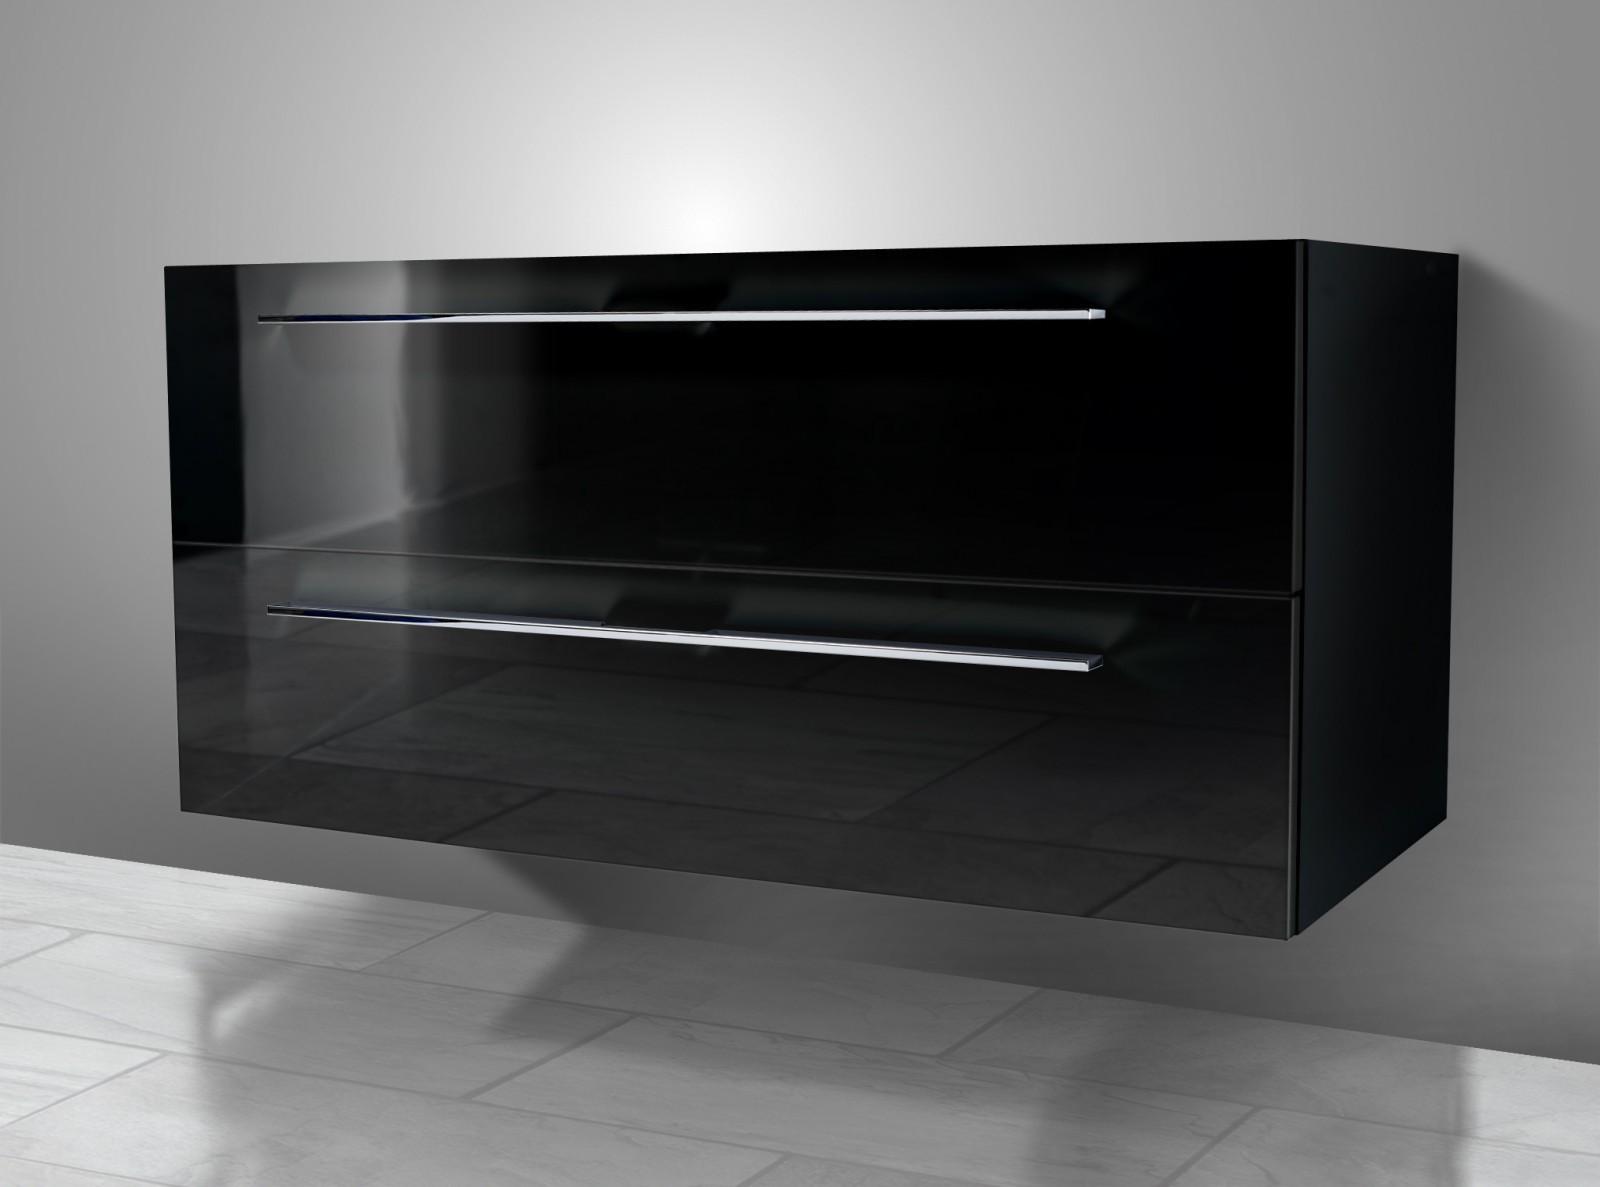 unterschrank f r keramag icon 90 cm waschbeckenunterschrank. Black Bedroom Furniture Sets. Home Design Ideas